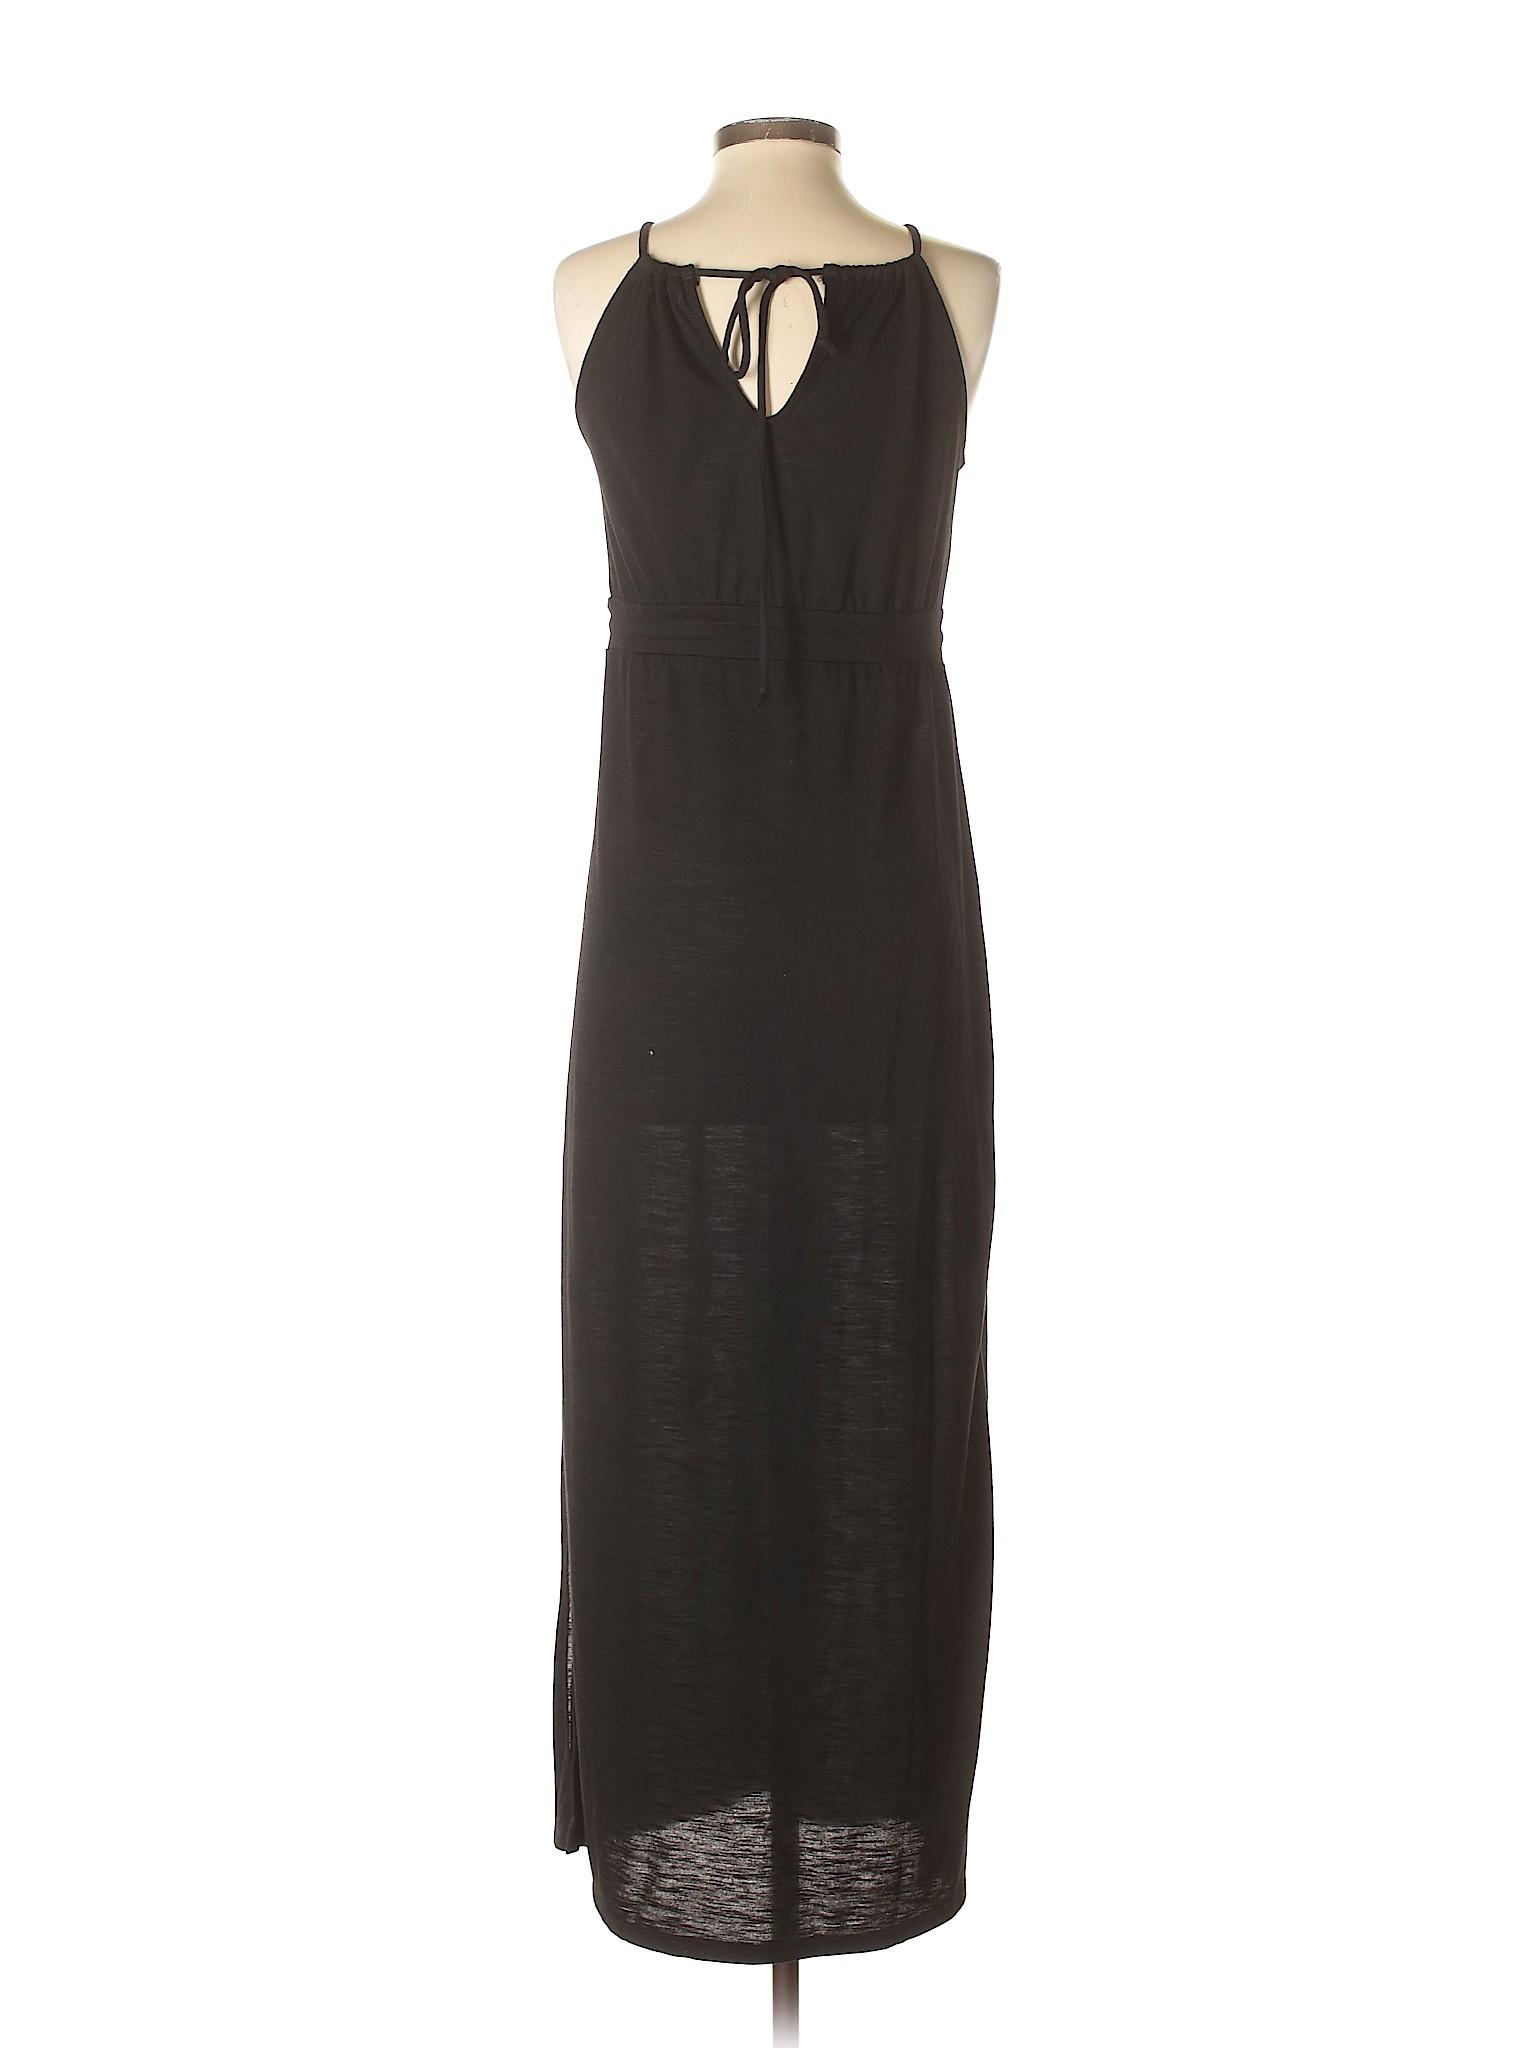 Banana Dress winter Casual Republic Boutique 4xO6Rq